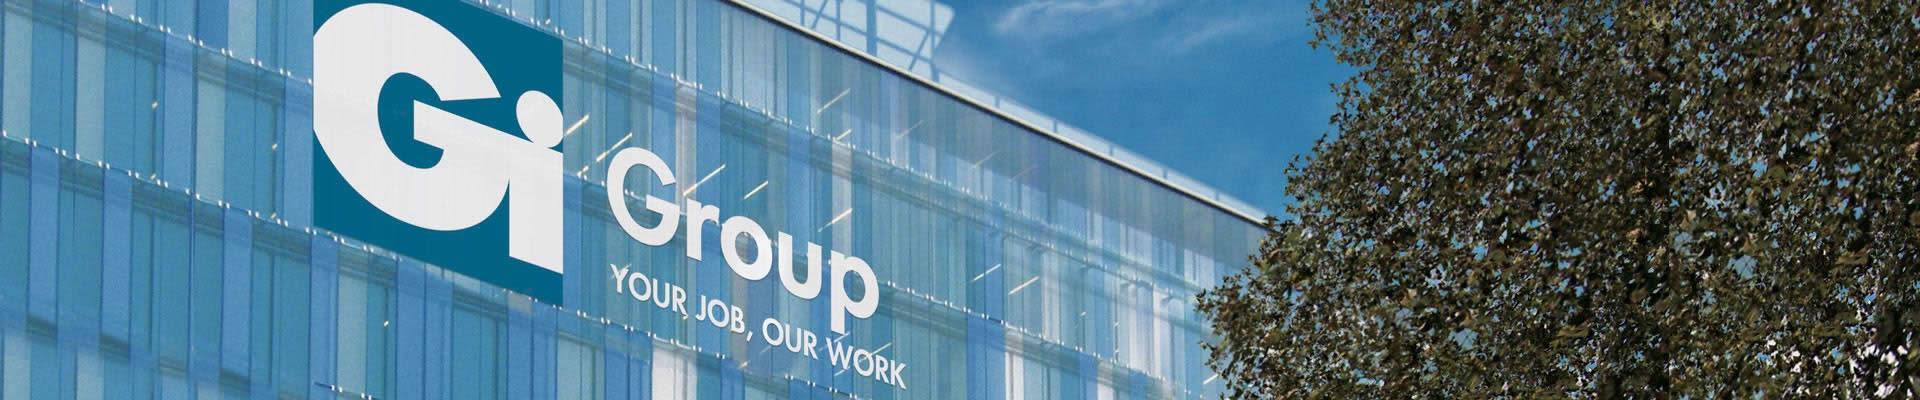 Gi Group - Your Job, Our Work